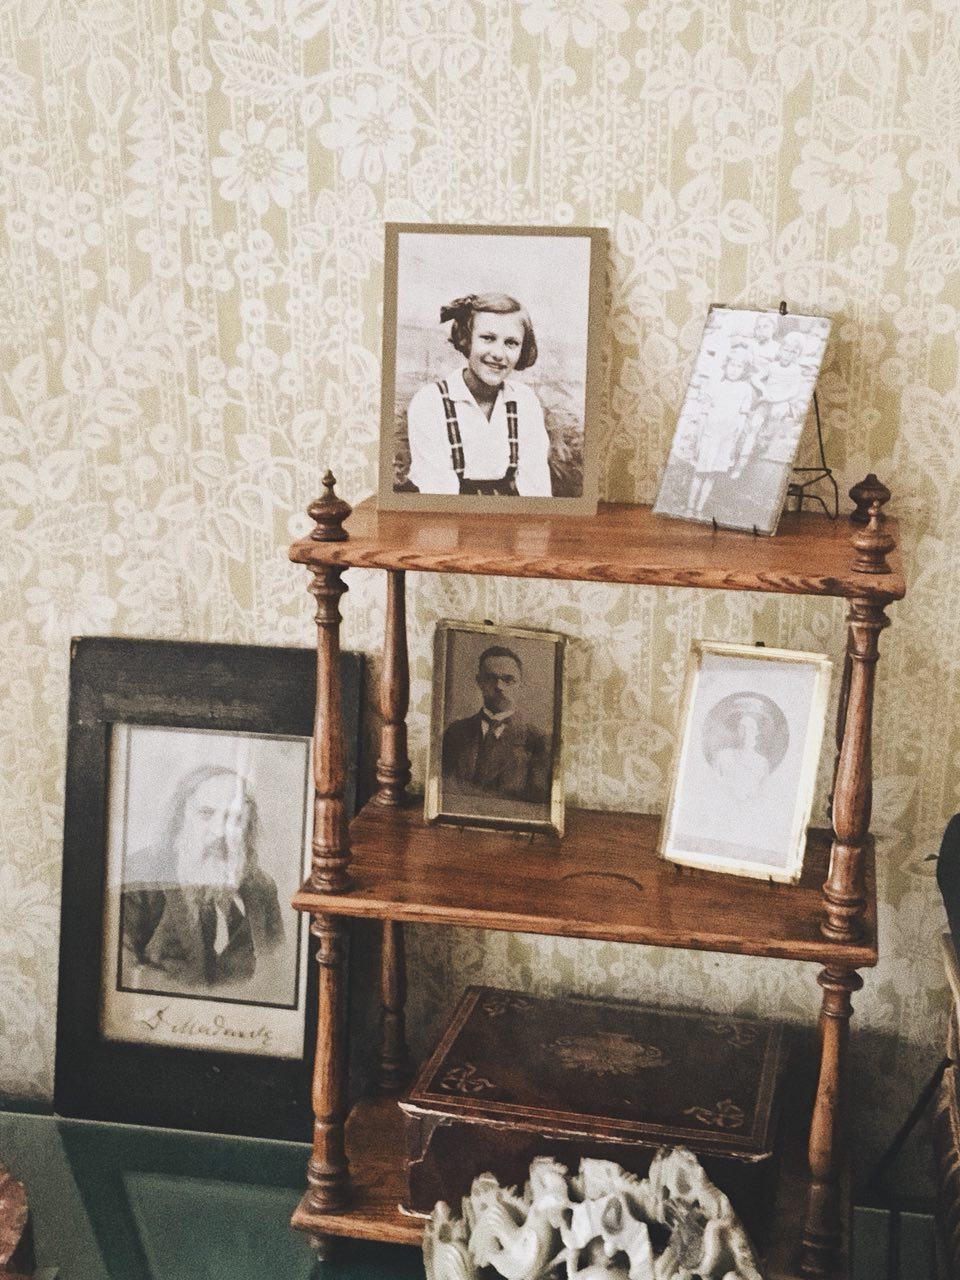 3 истории: бабушка и сверток, туалет в электричке и грудь.